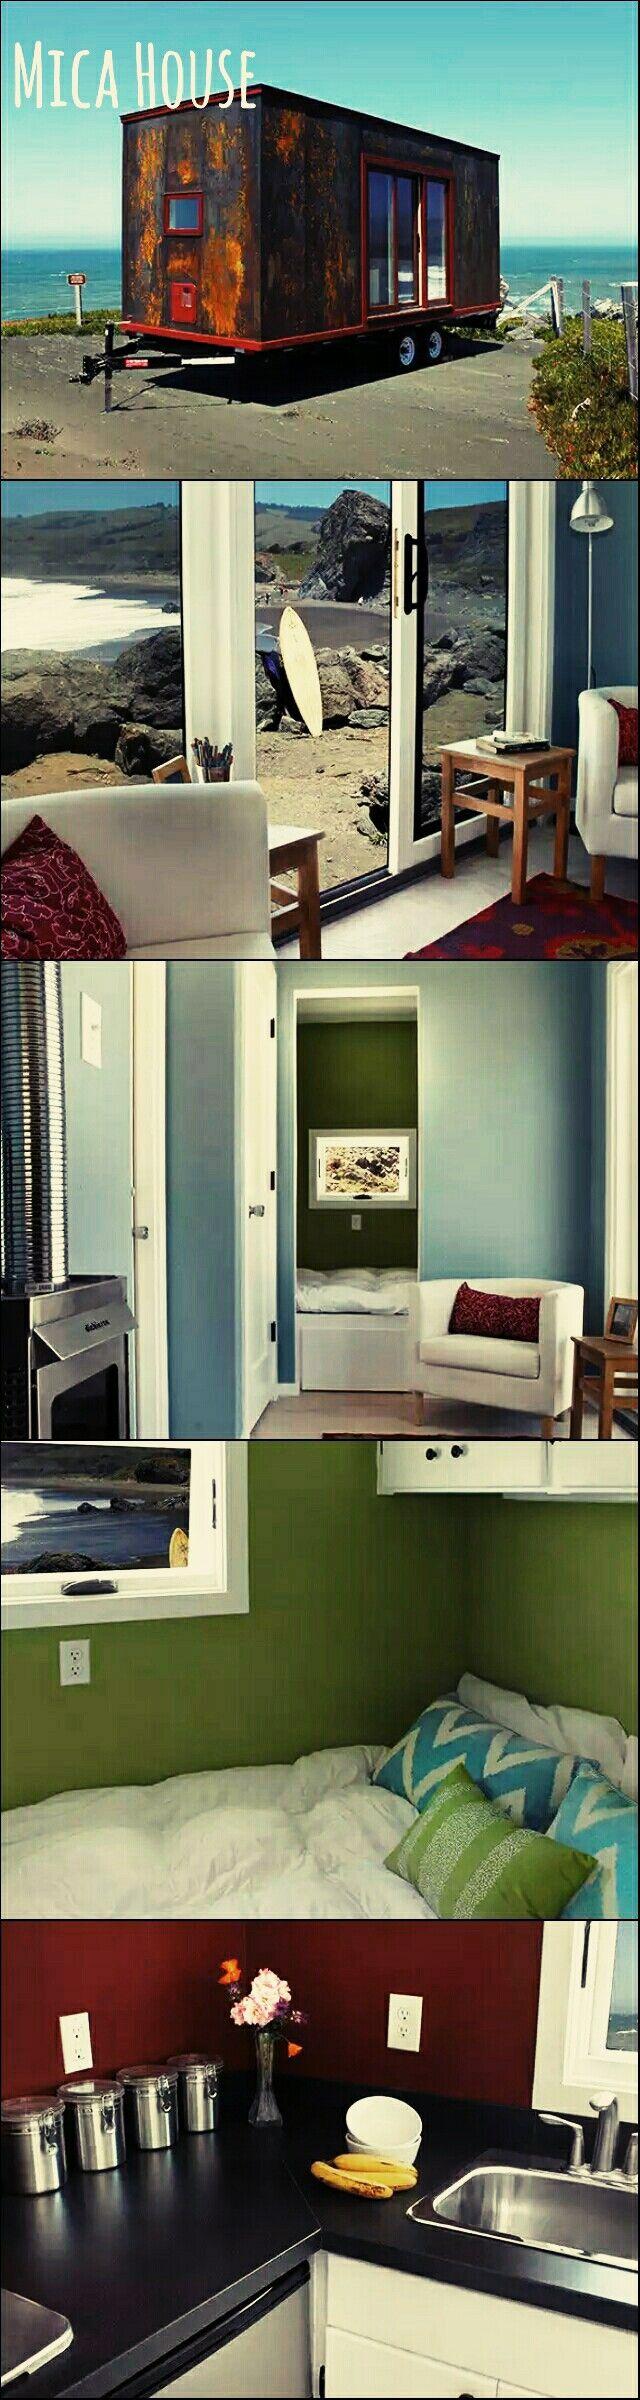 Best 20 Tumbleweed house ideas on Pinterest Tumbleweed homes